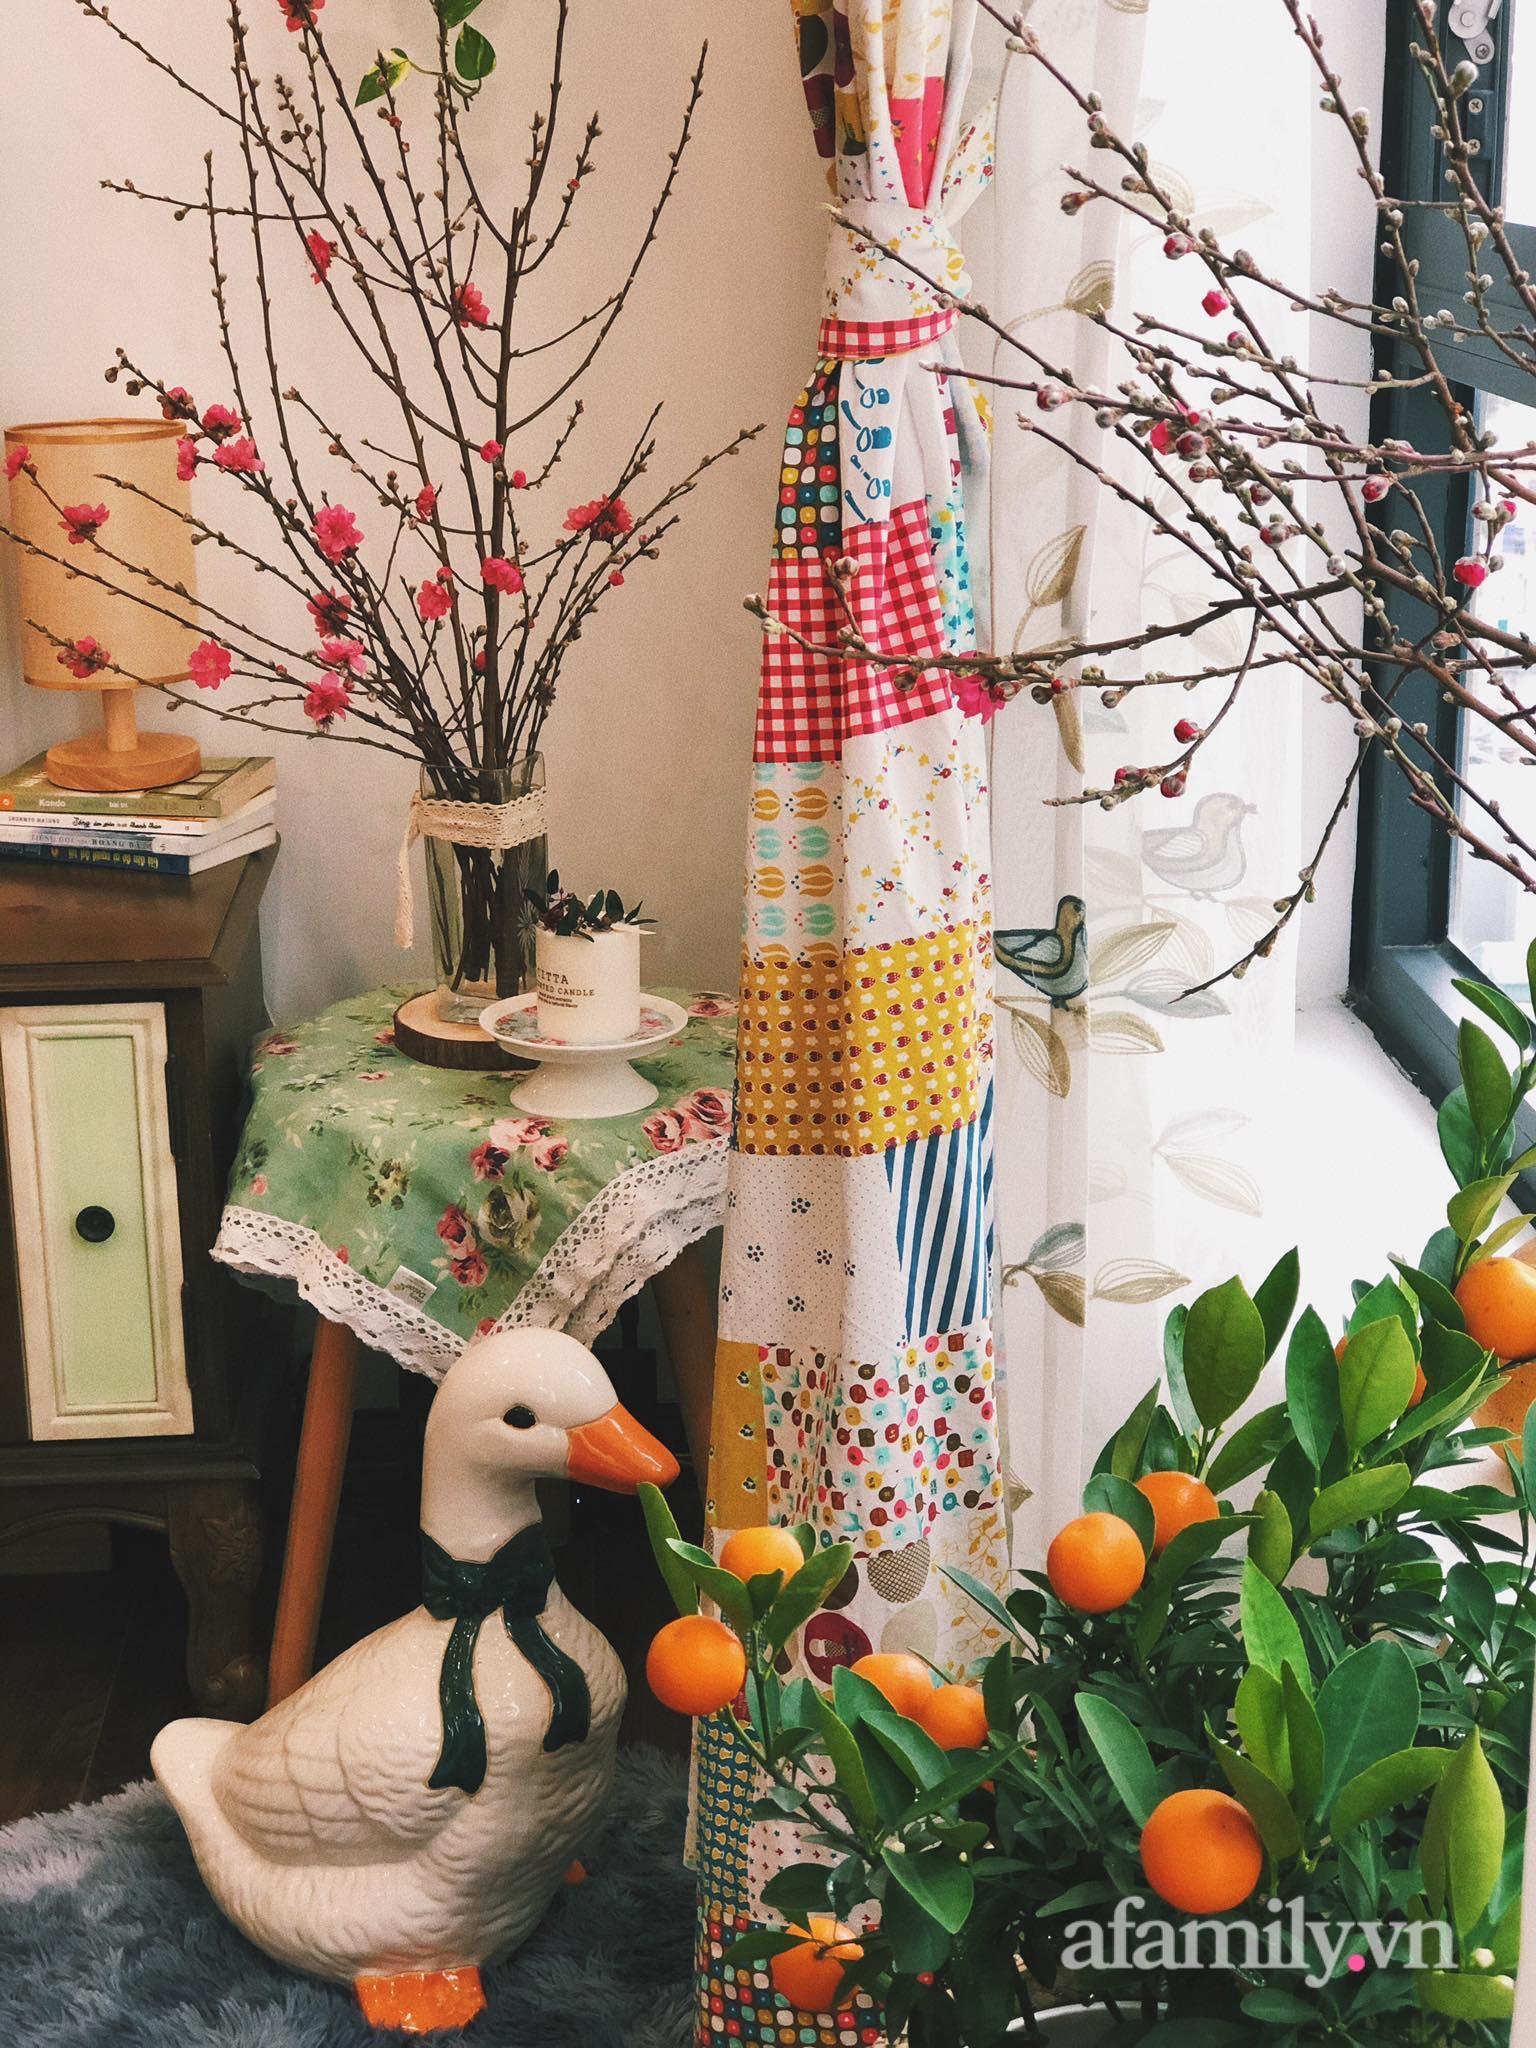 Mẻ đảm Hà Nội khéo mang Tết vào tổ ấm đẹp duyên dáng với gốm và hoa - Ảnh 18.